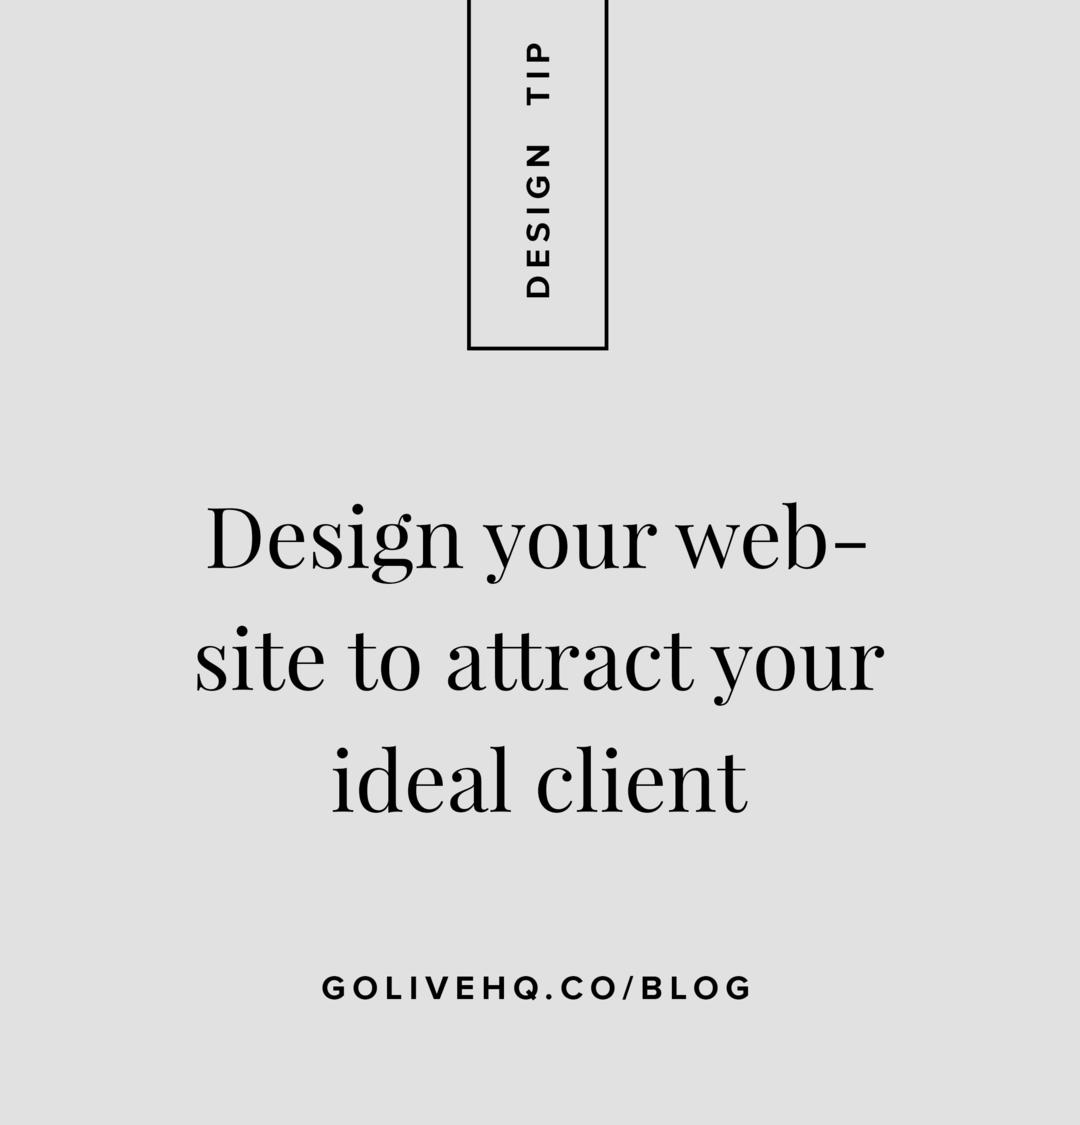 Website design tips   GoLiveHq.co